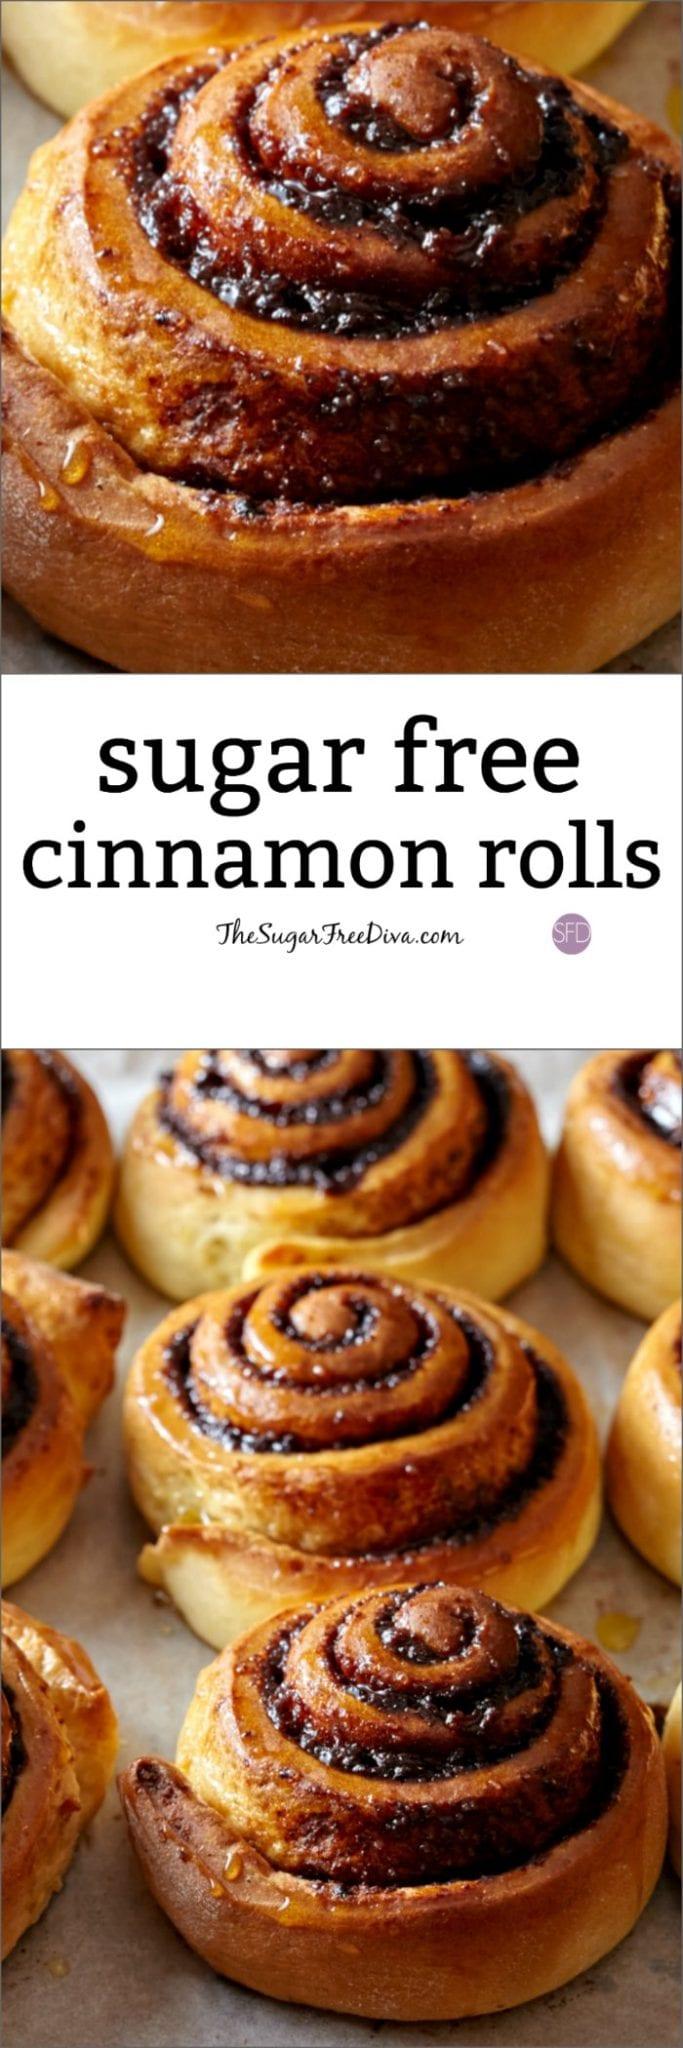 Sugar Free Cinnamon Rolls